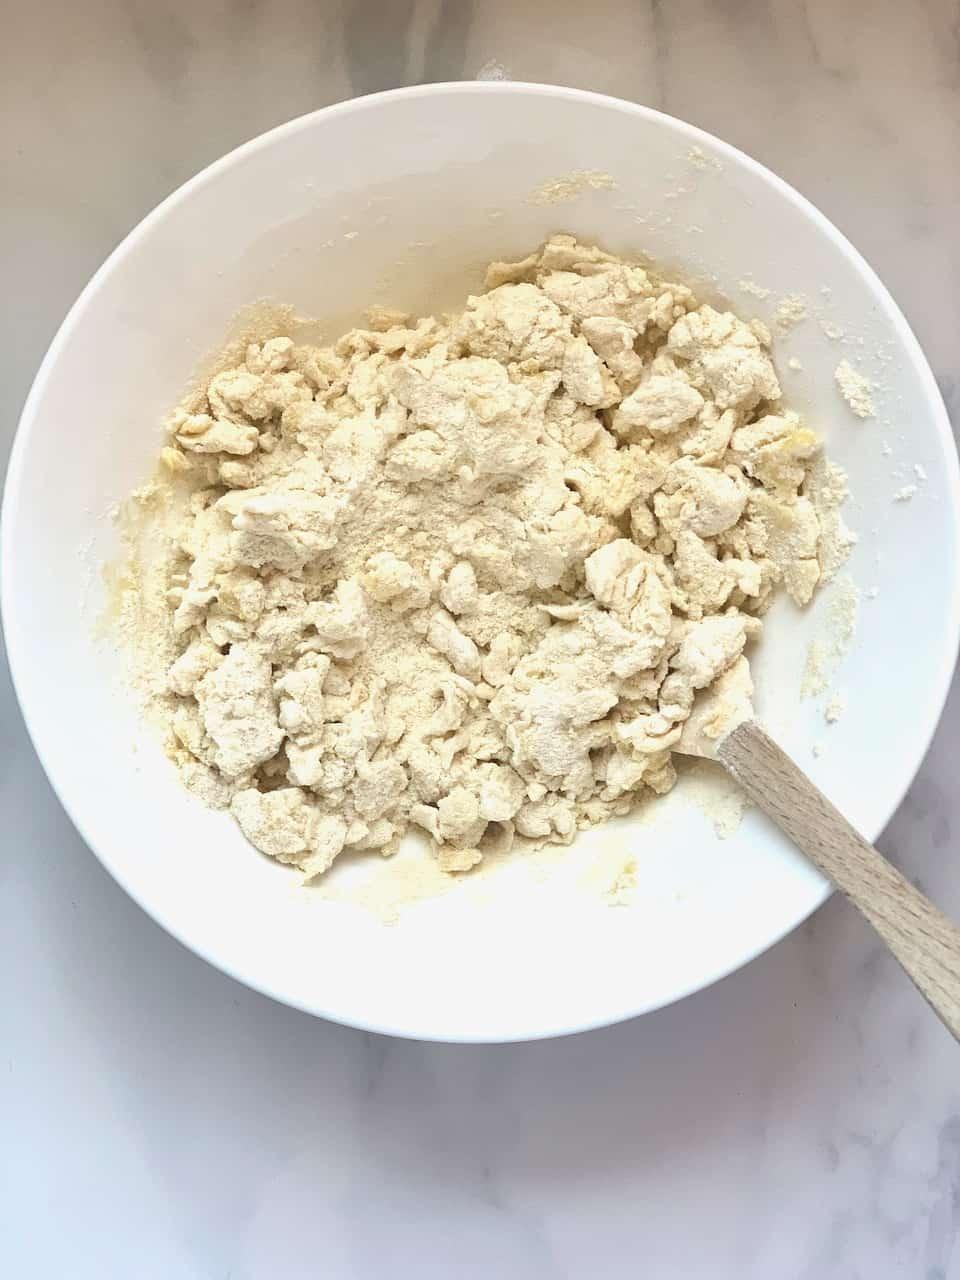 Making vegan pasta